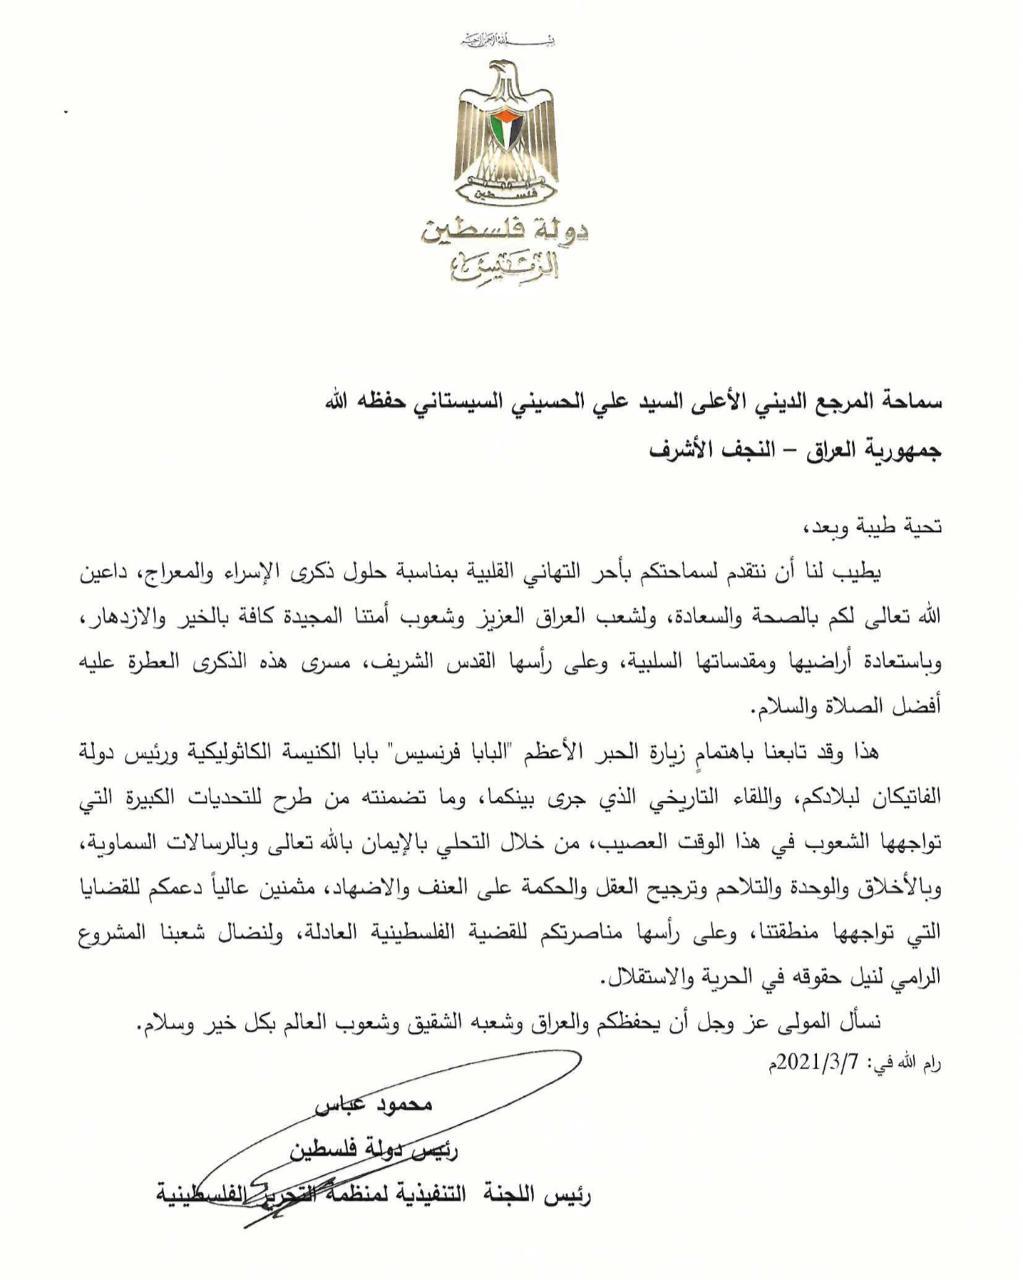 الرئيس الفلسطيني يبعث رسالة شكر إلى السيد السيستاني